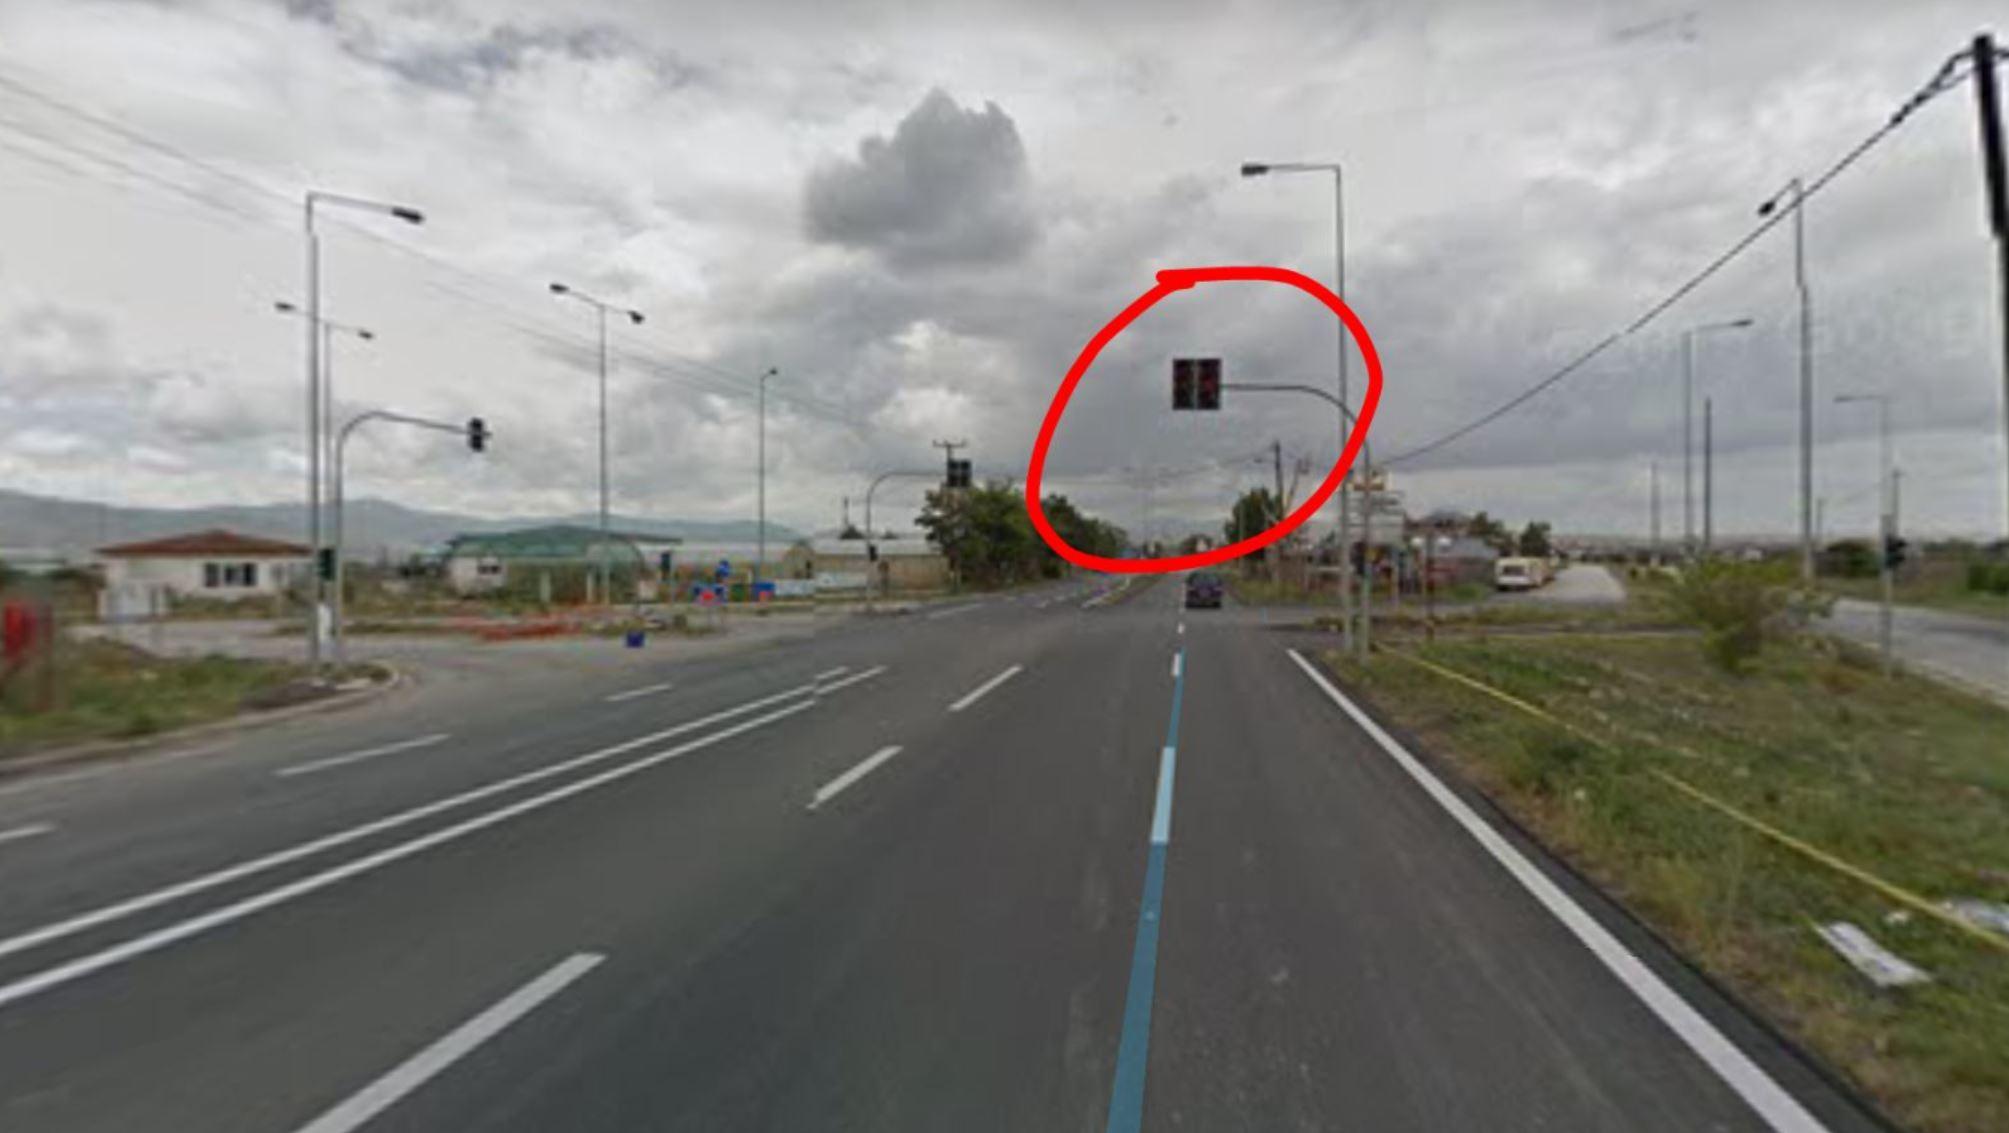 Καταγγελία αναγνώστη στο kozan.gr: Η μη λειτουργία, εδώ και μια εβδομάδα, φωτεινού σηματοδότη, στην είσοδο της Πτολεμαίδας, δημιουργεί σοβαρούς κινδύνους (Φωτογραφία)